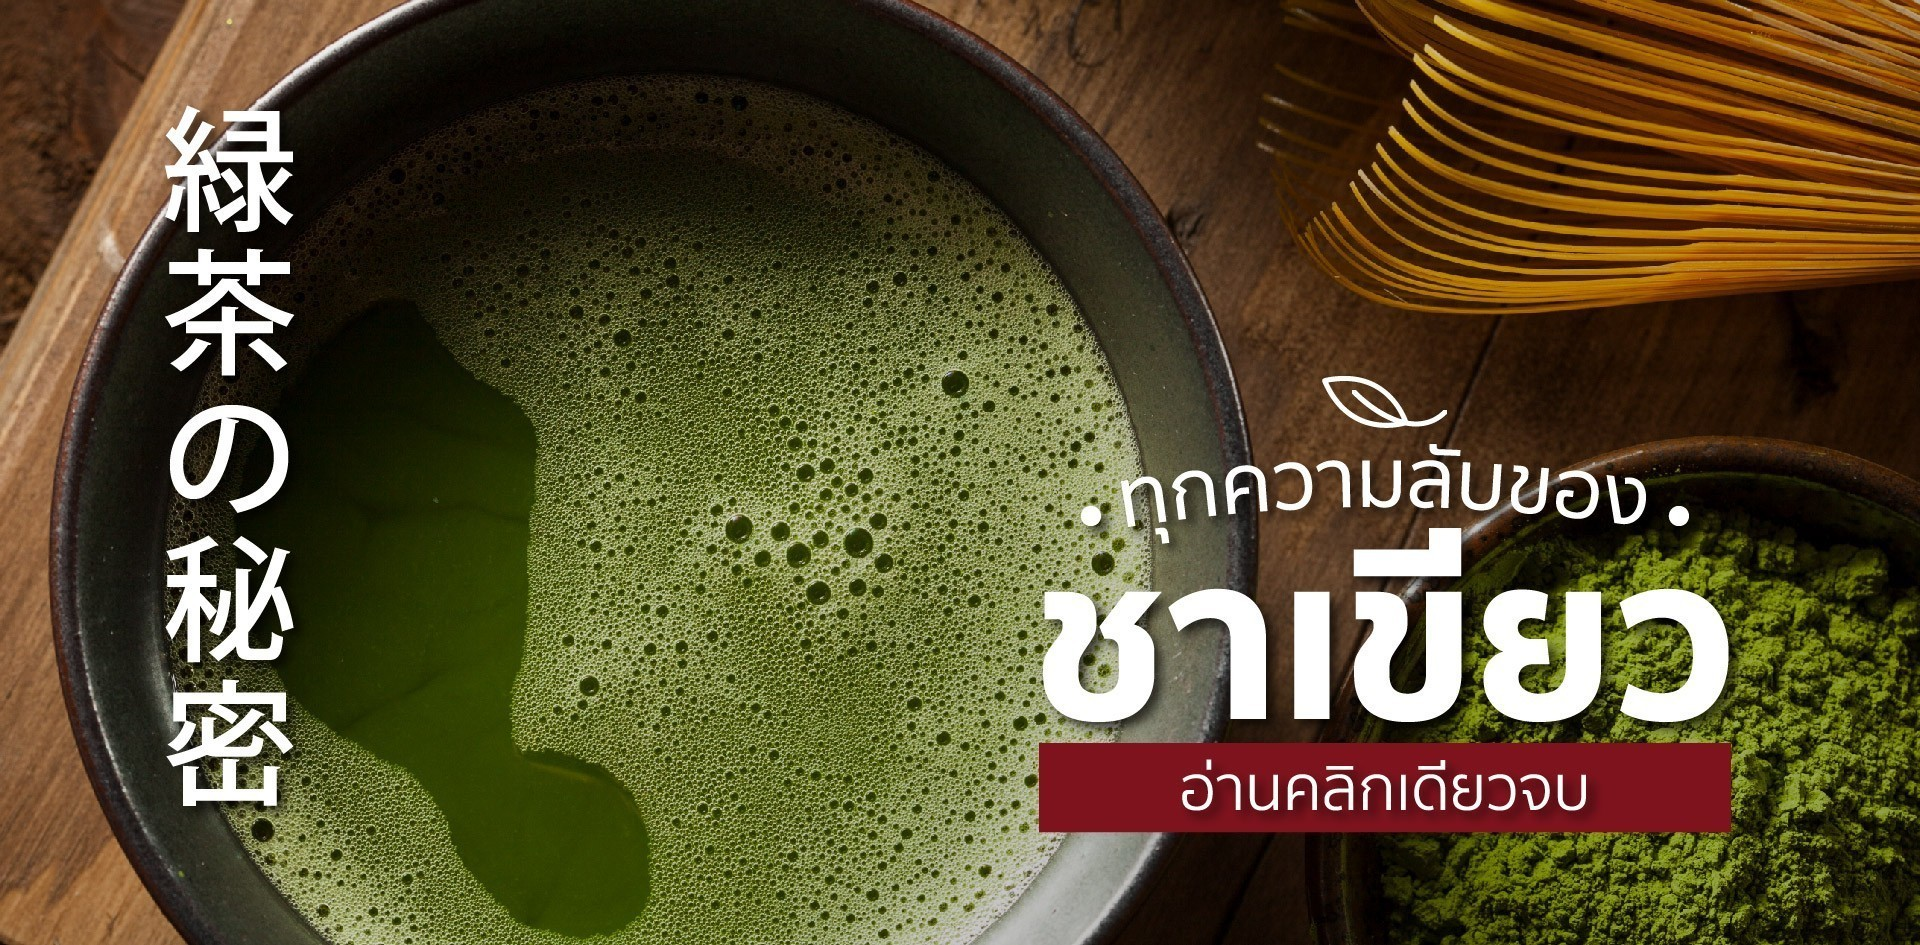 ประเภทของชาเขียว มีอะไรบ้าง ชนิดไหนอร่อย มาดูกัน!